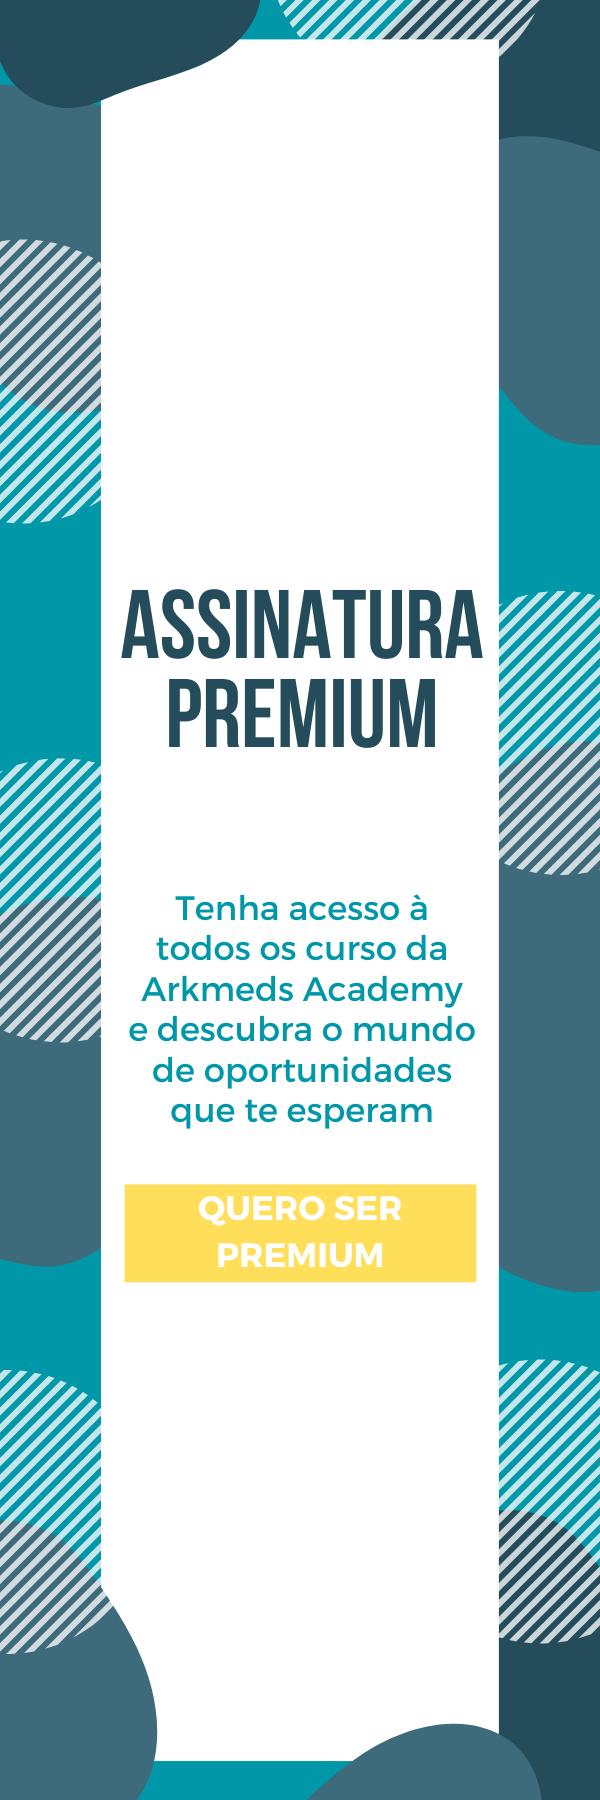 arkmeds academy assinatura premium